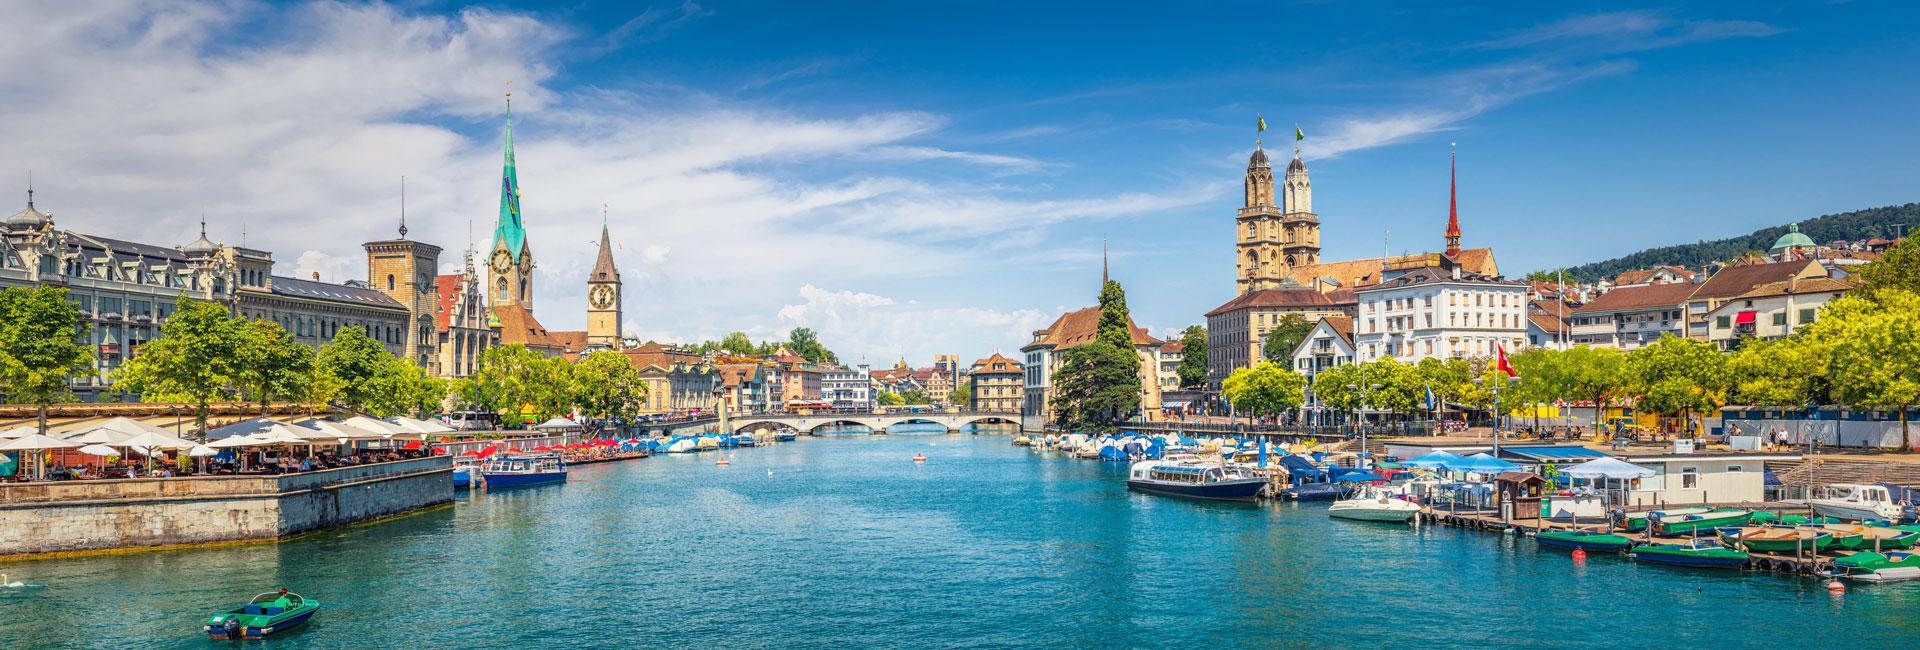 Ansicht Schweiz